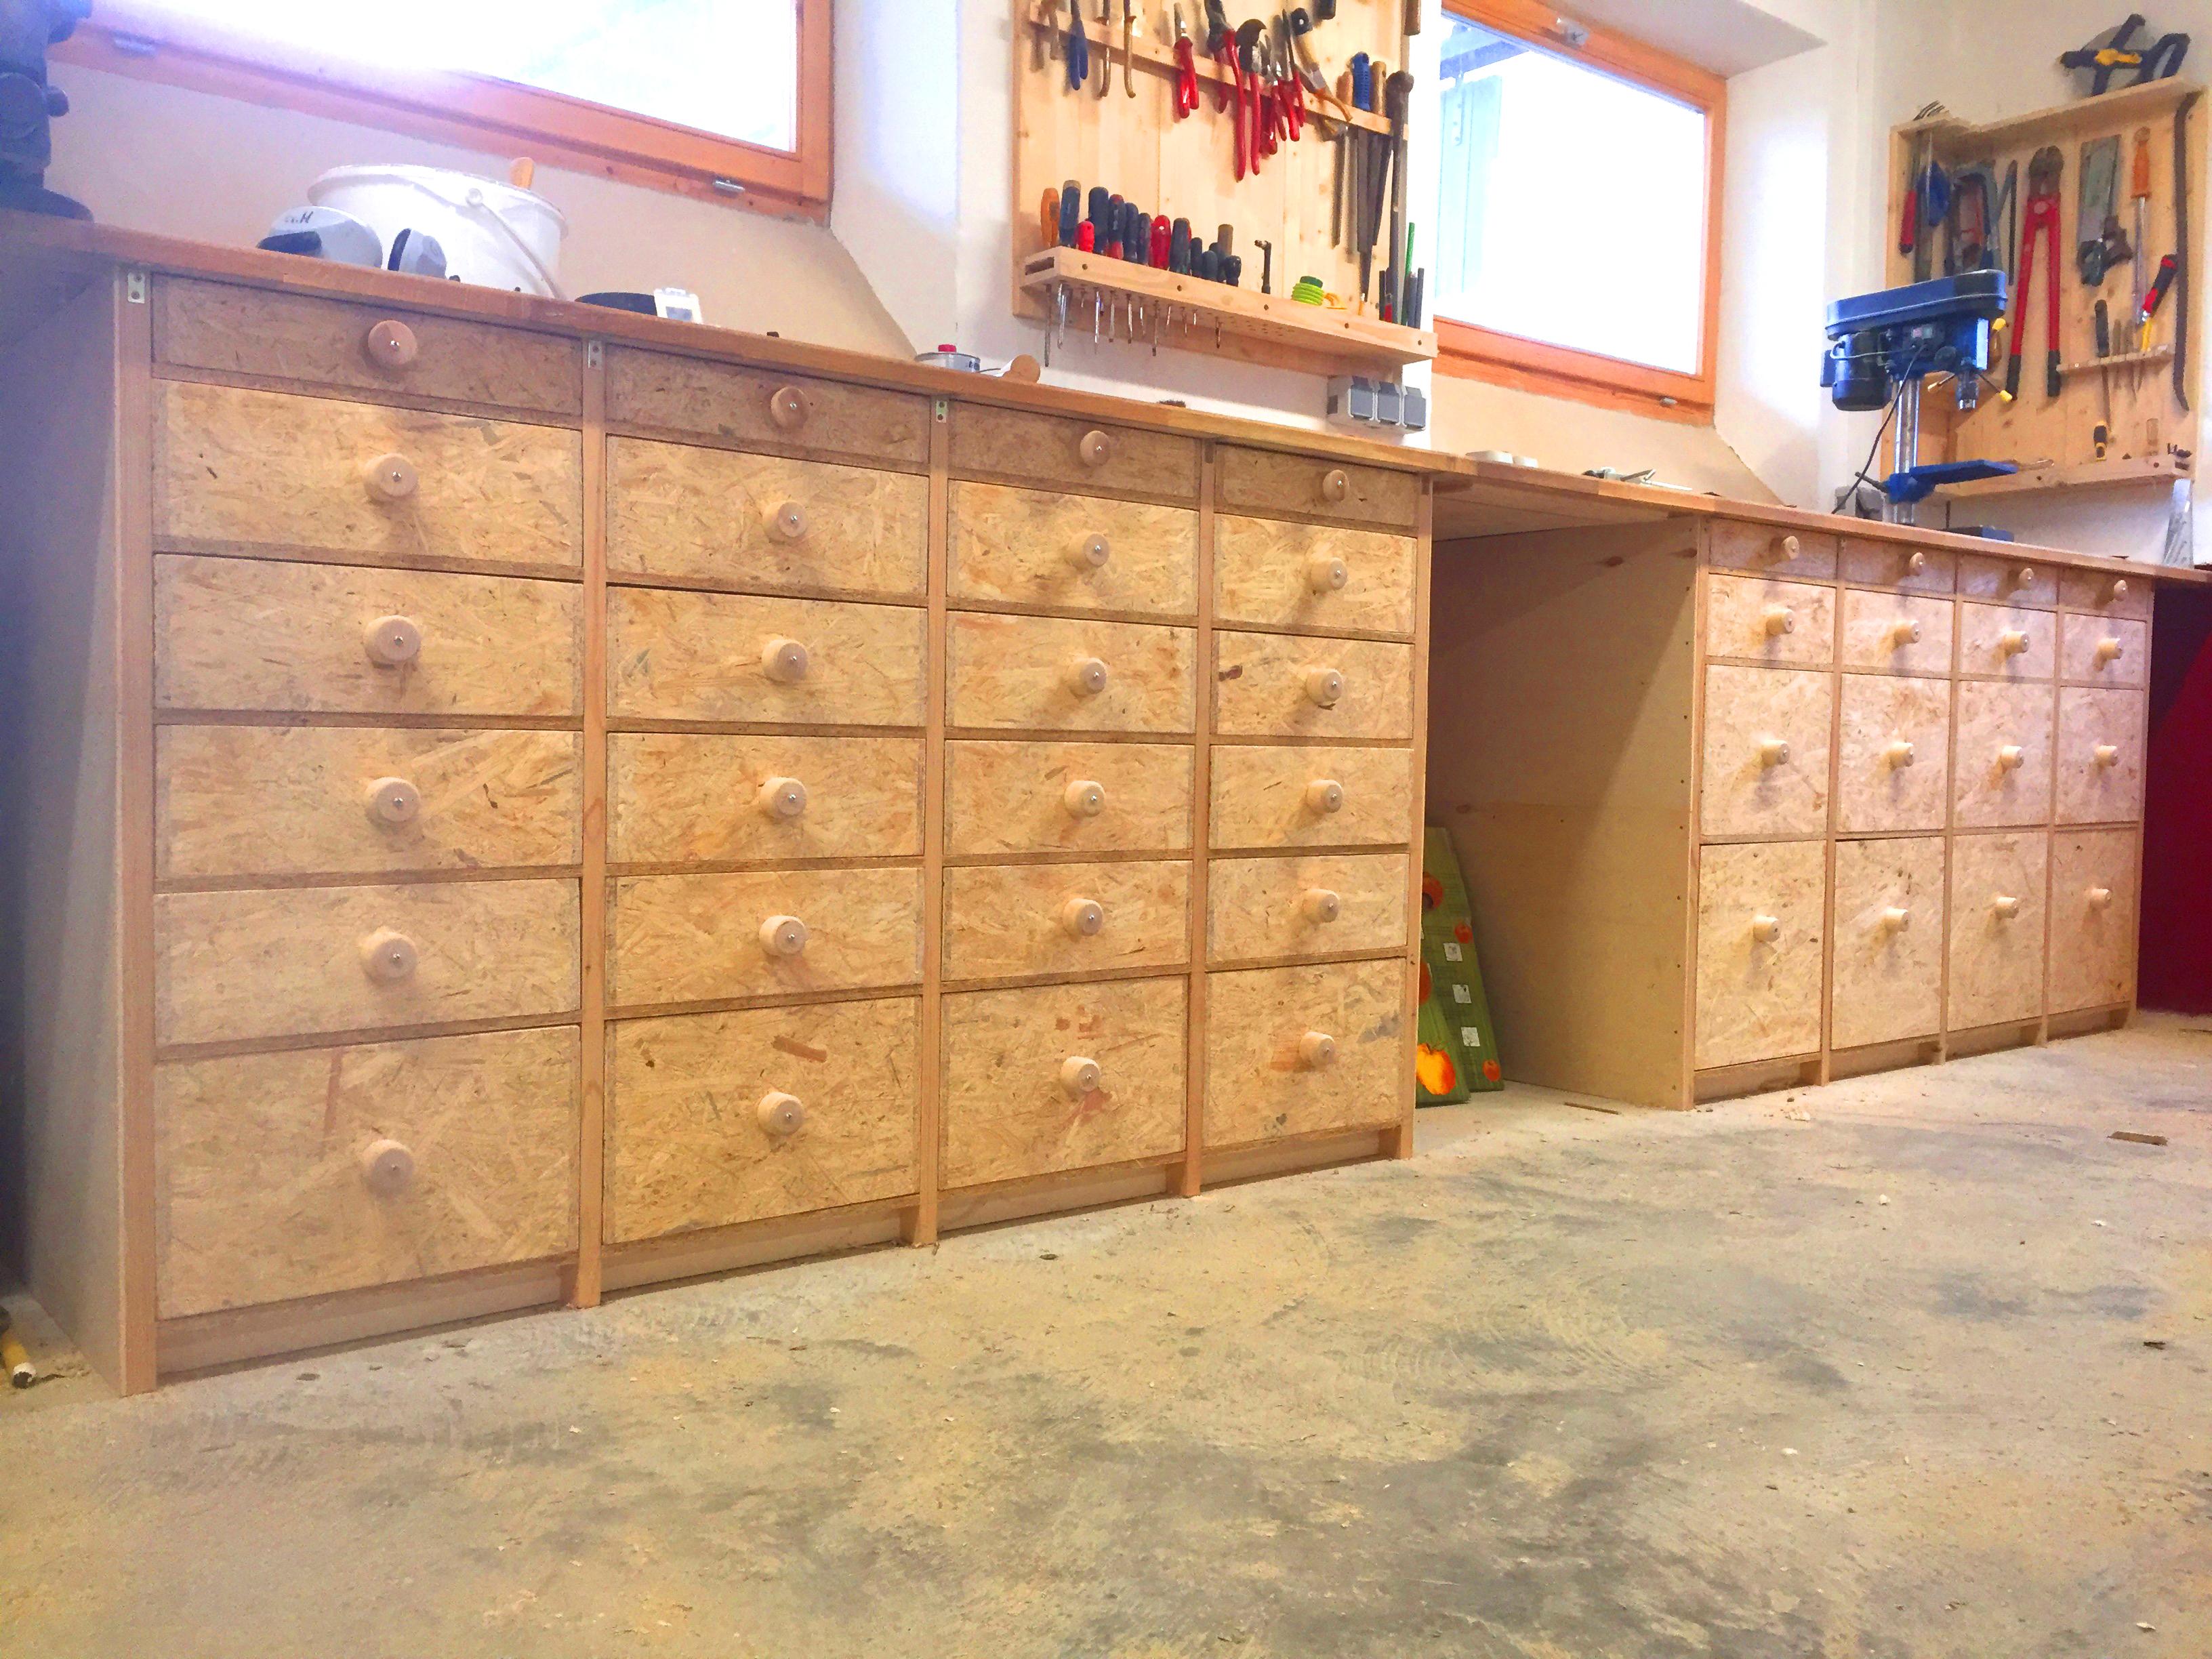 Werkstatt Schubladen Schrank | dahoia